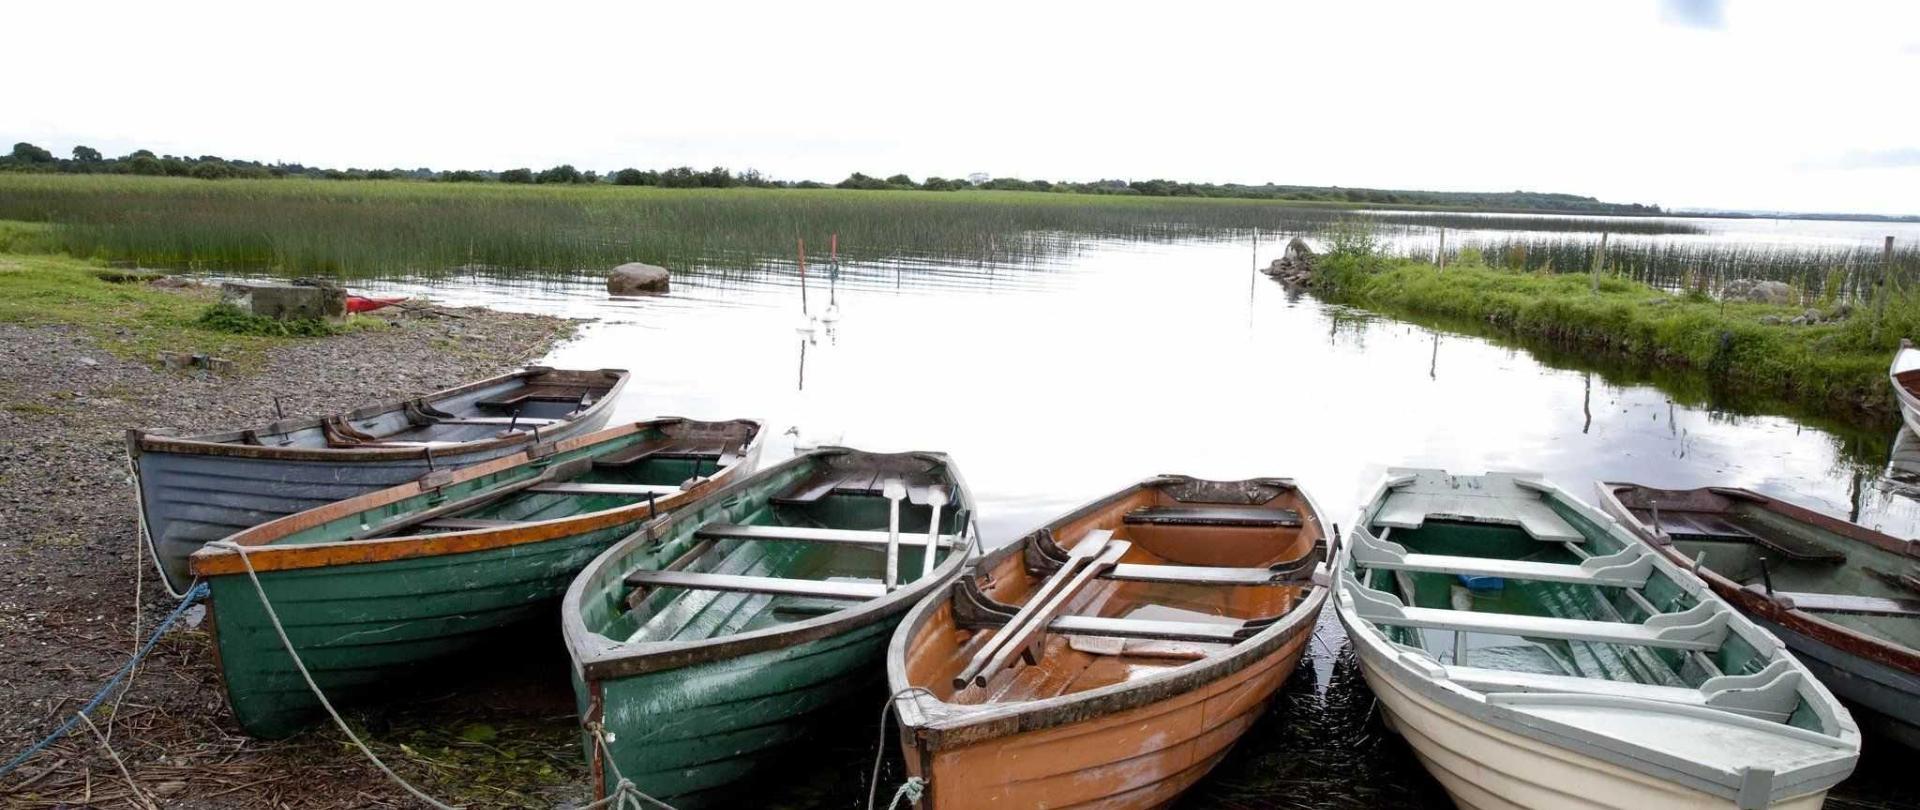 boats-nearer.jpg